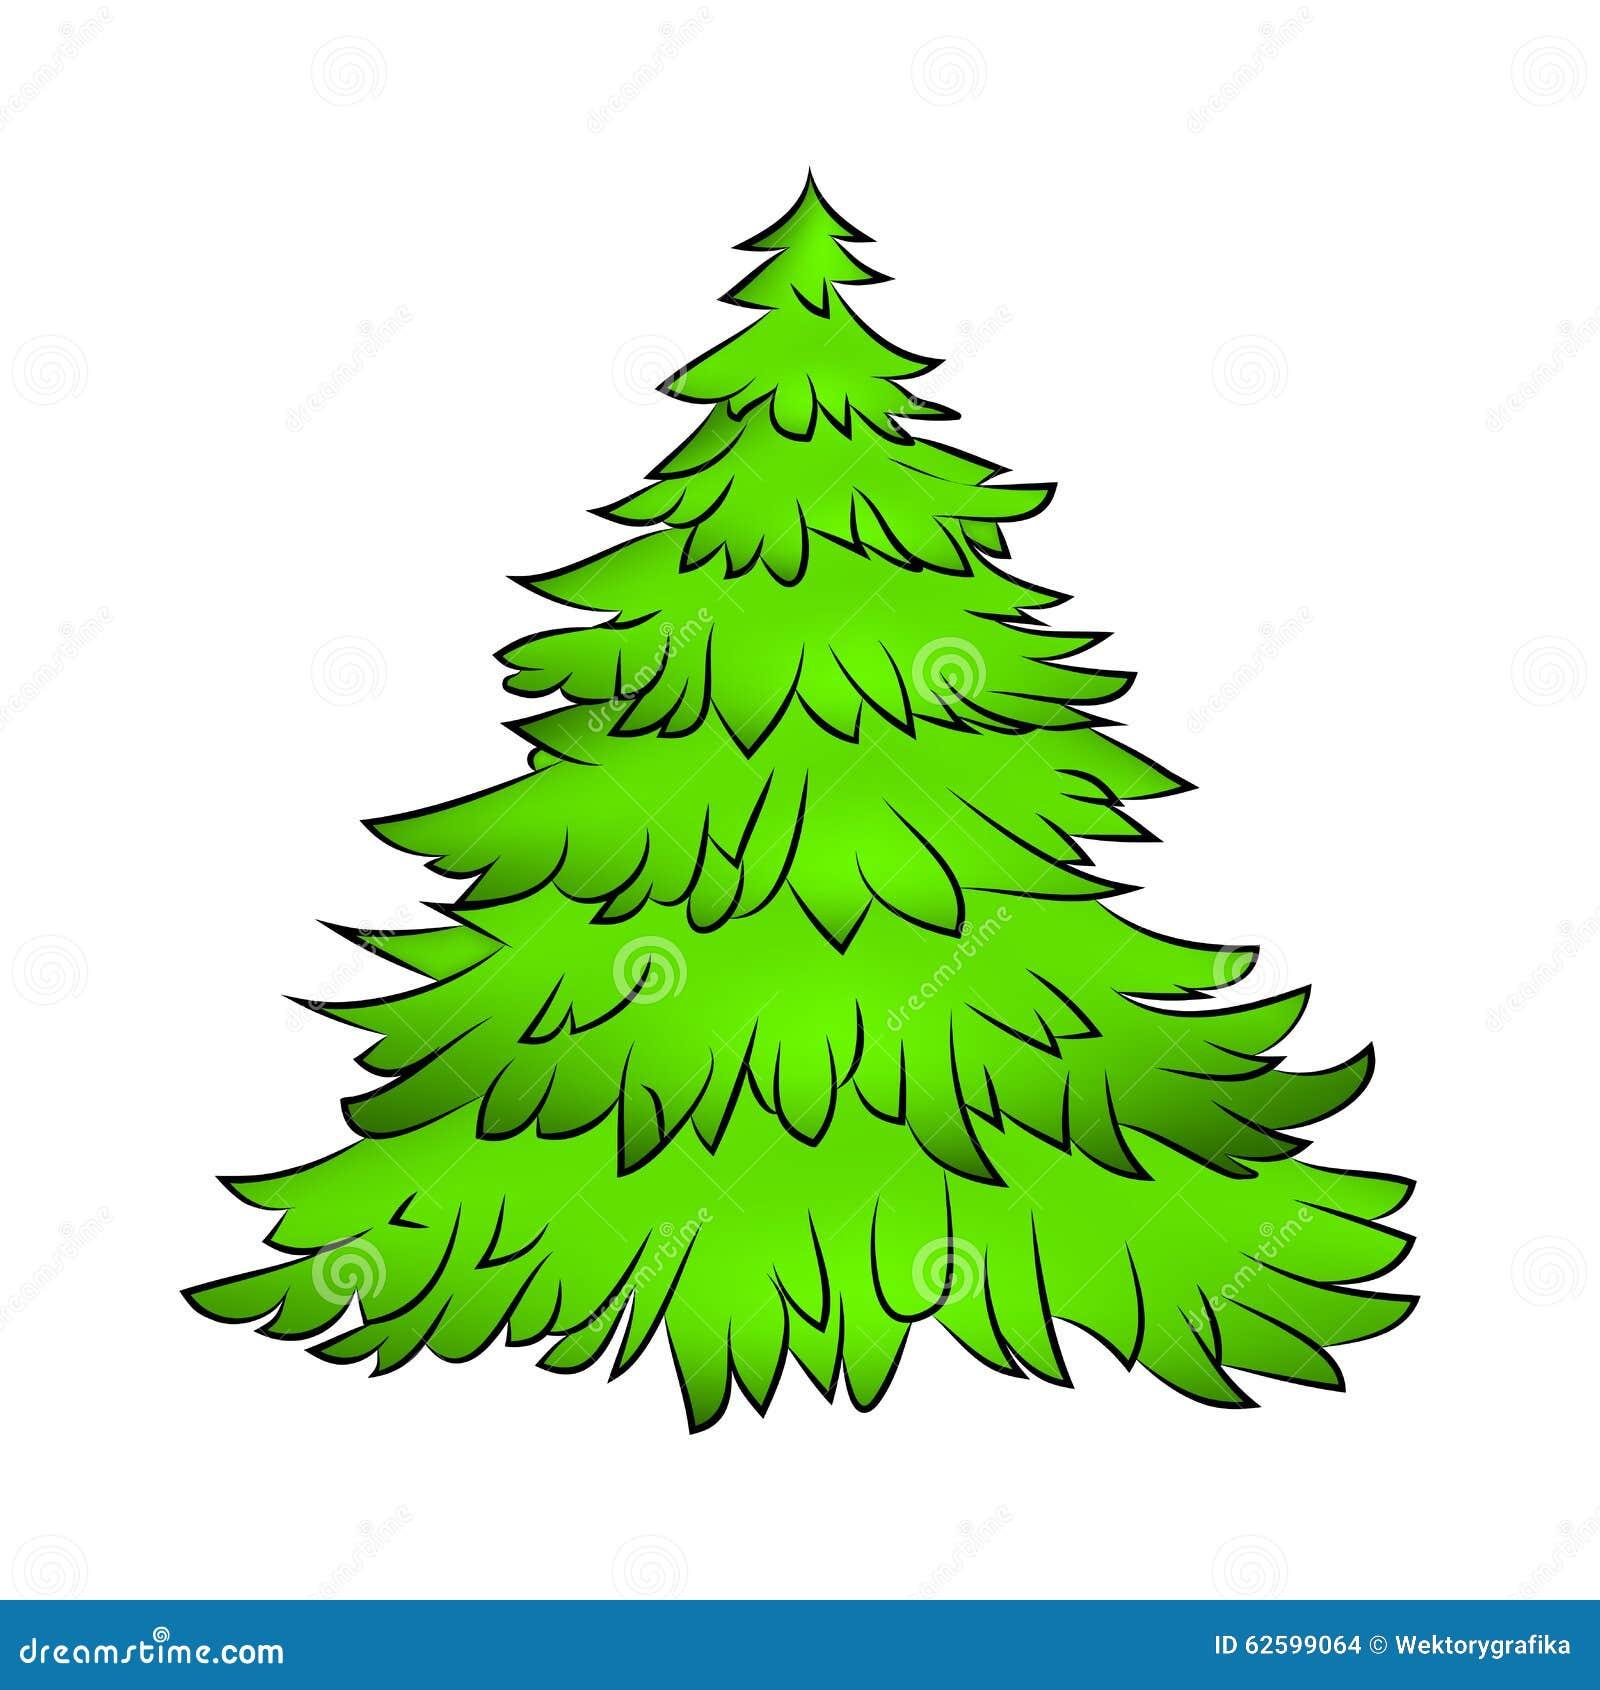 Symbol Weihnachtsbaum.Weihnachtsbaum Karikaturdesign Für Karte Ikone Symbol